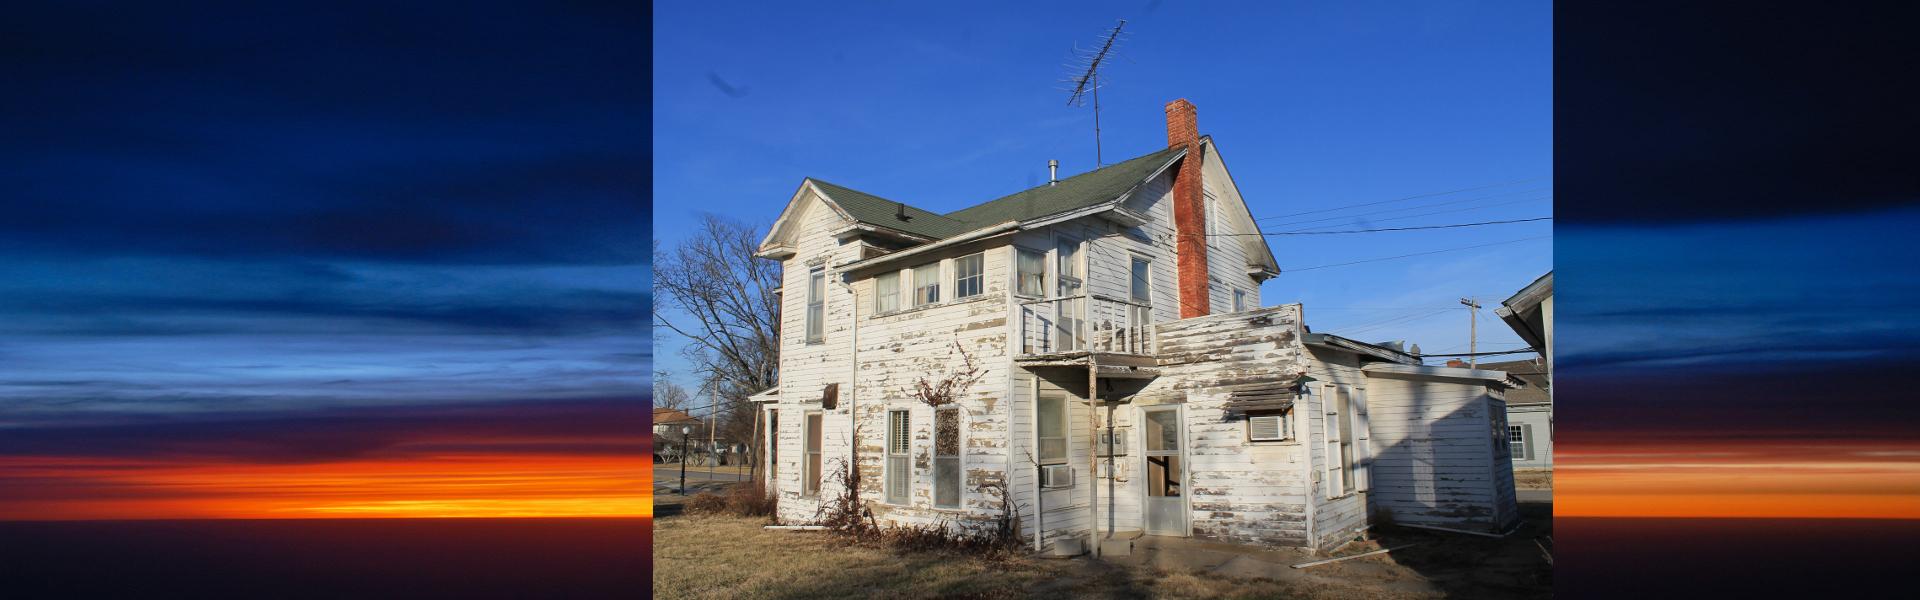 1858 Garnett House Hotel